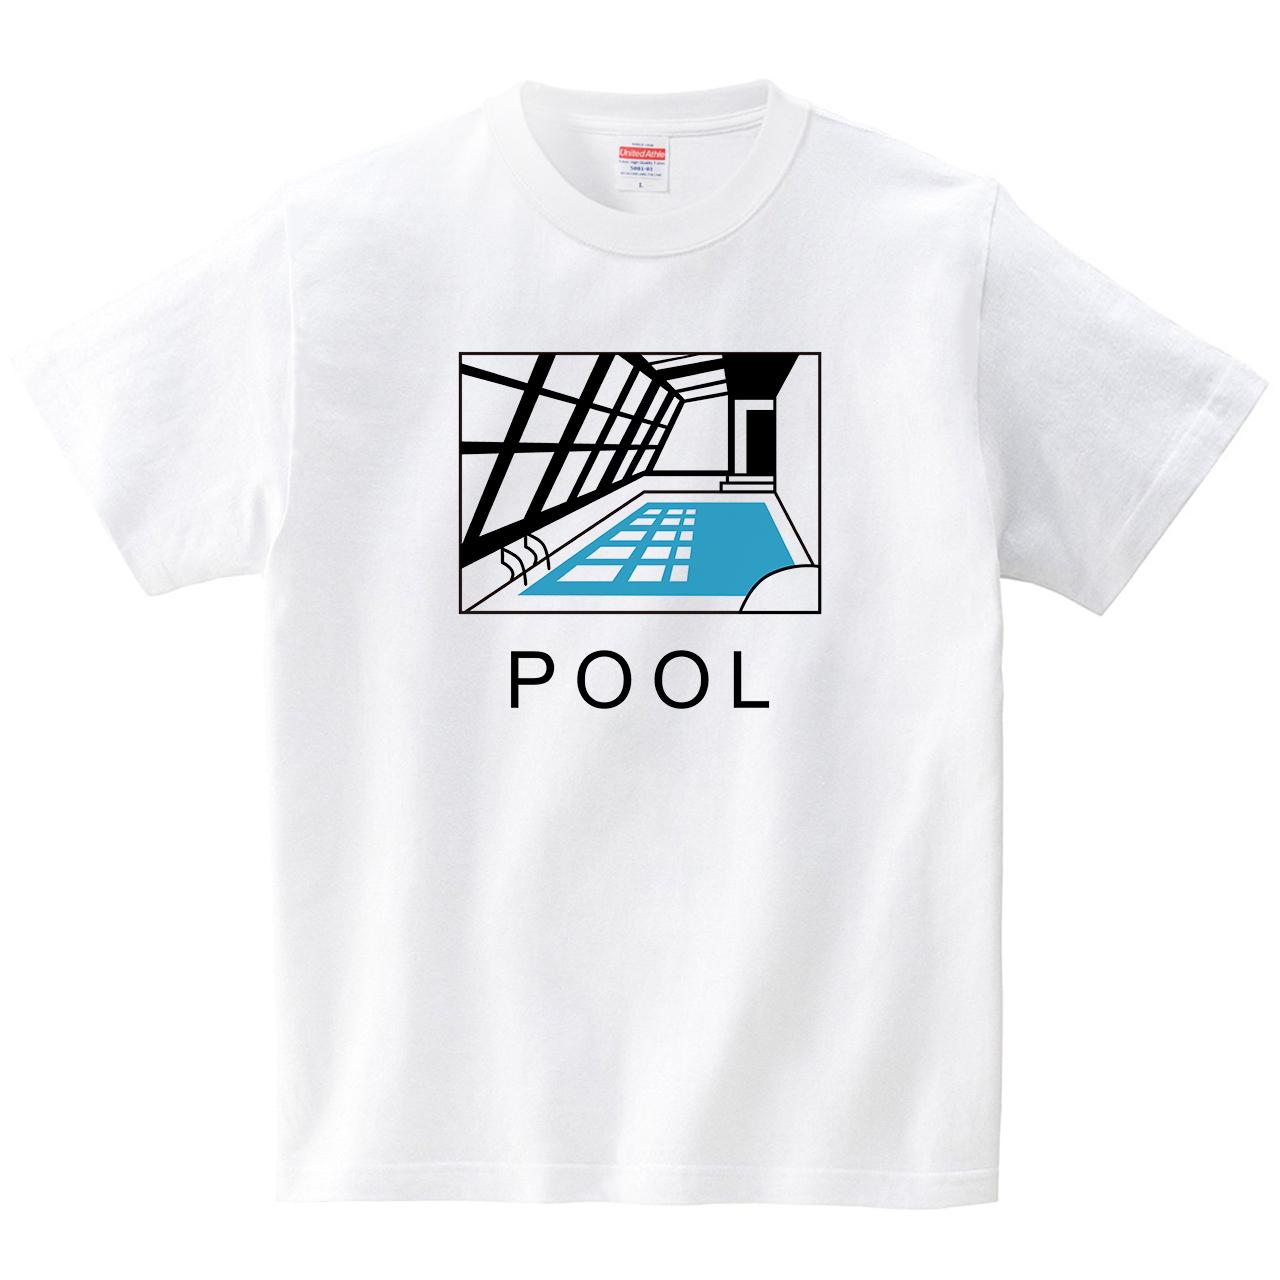 POOL(Tシャツ・ホワイト)(るん。)